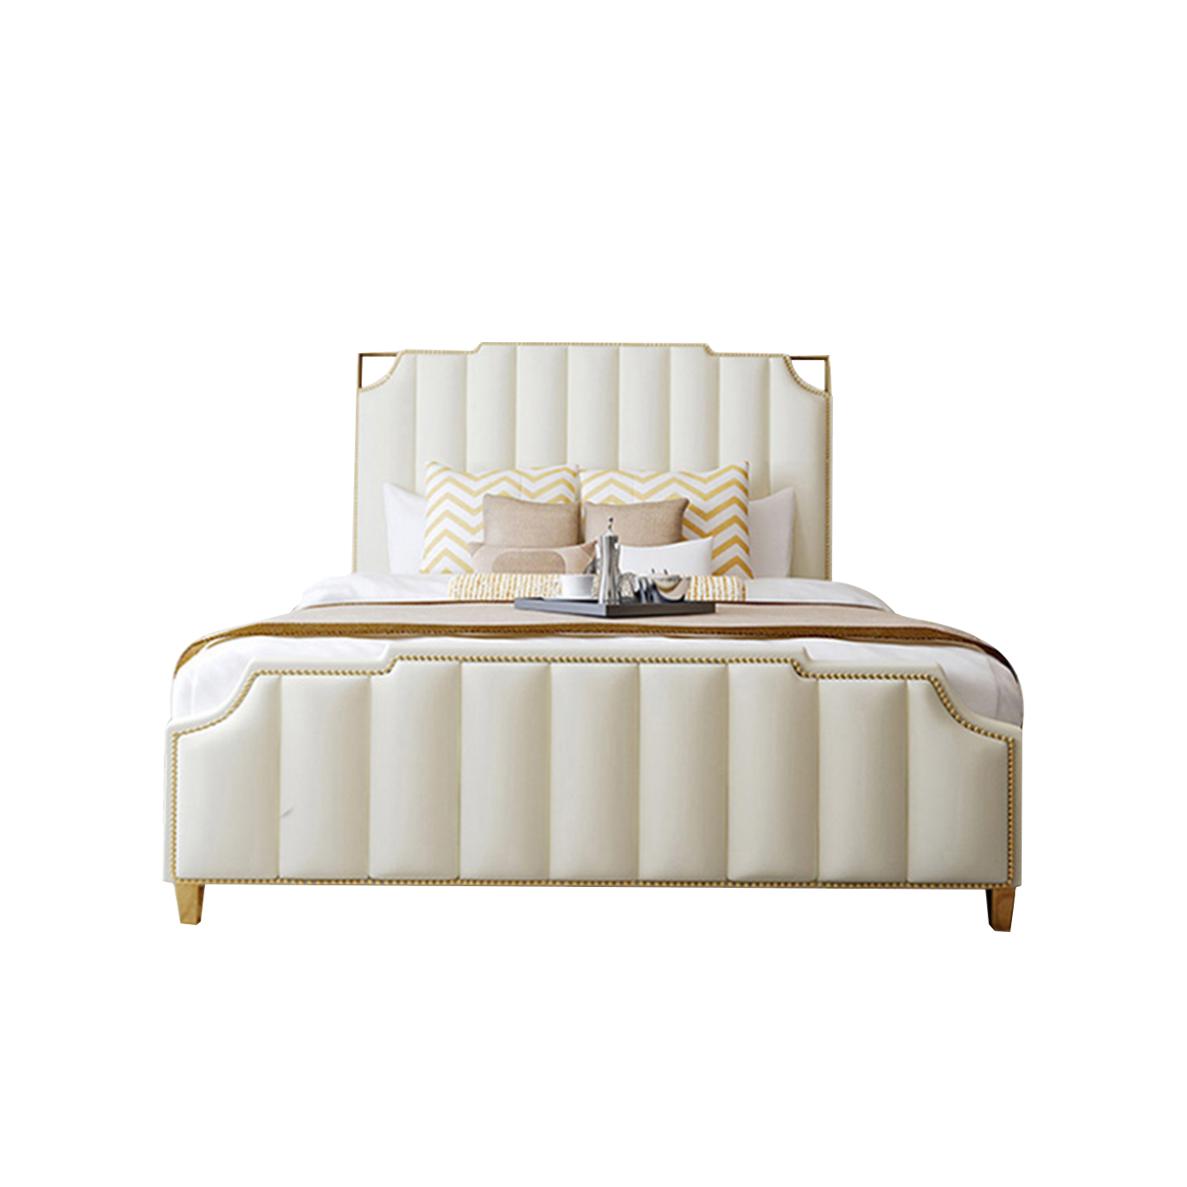 白色高档布艺轻奢风格床